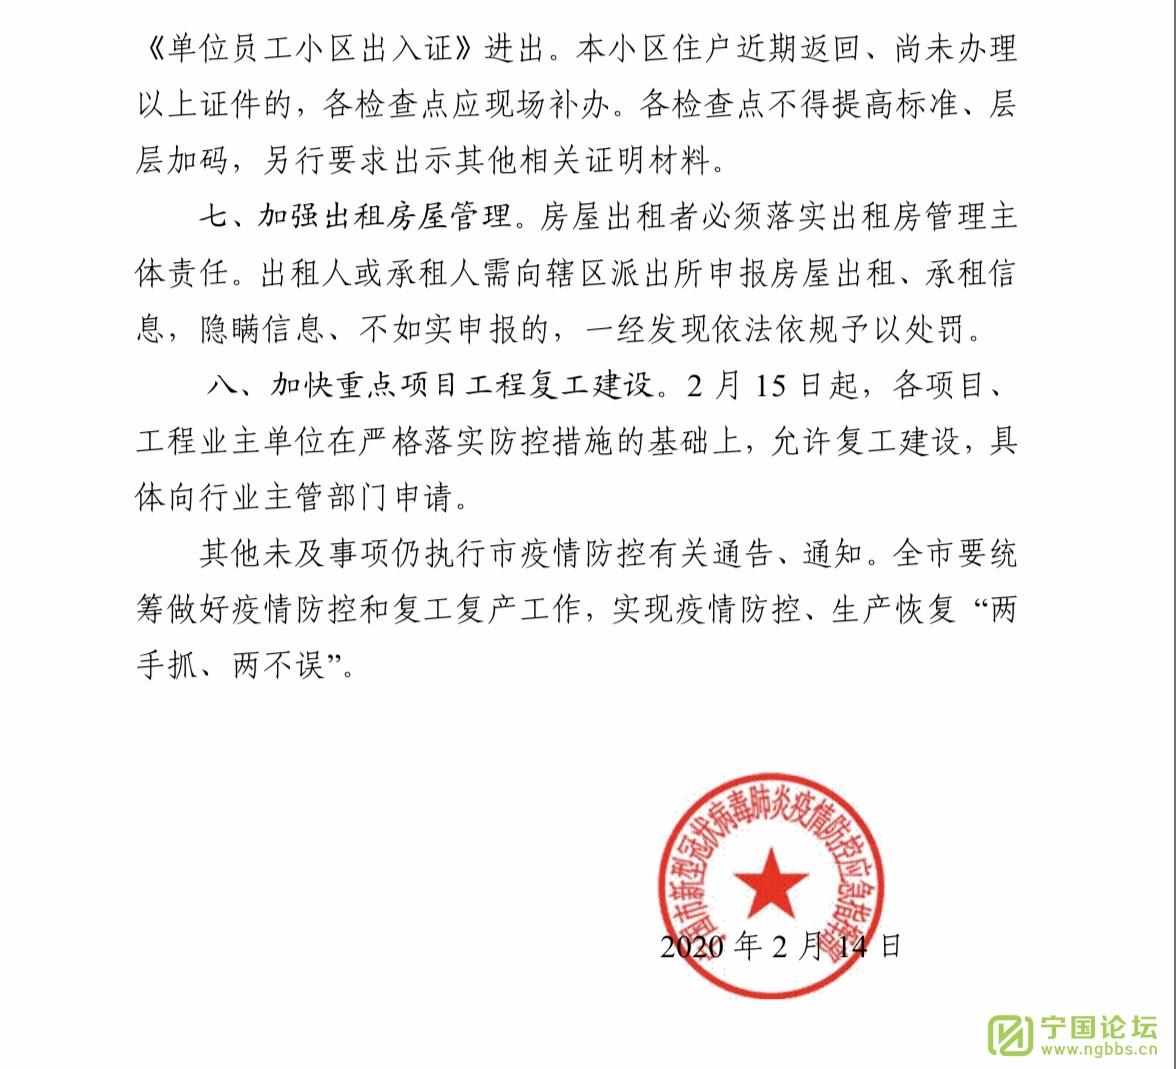 """关于调整""""疫情防控、生产恢复""""有关措施的通告 - 宁国论坛 - 12.jpg"""